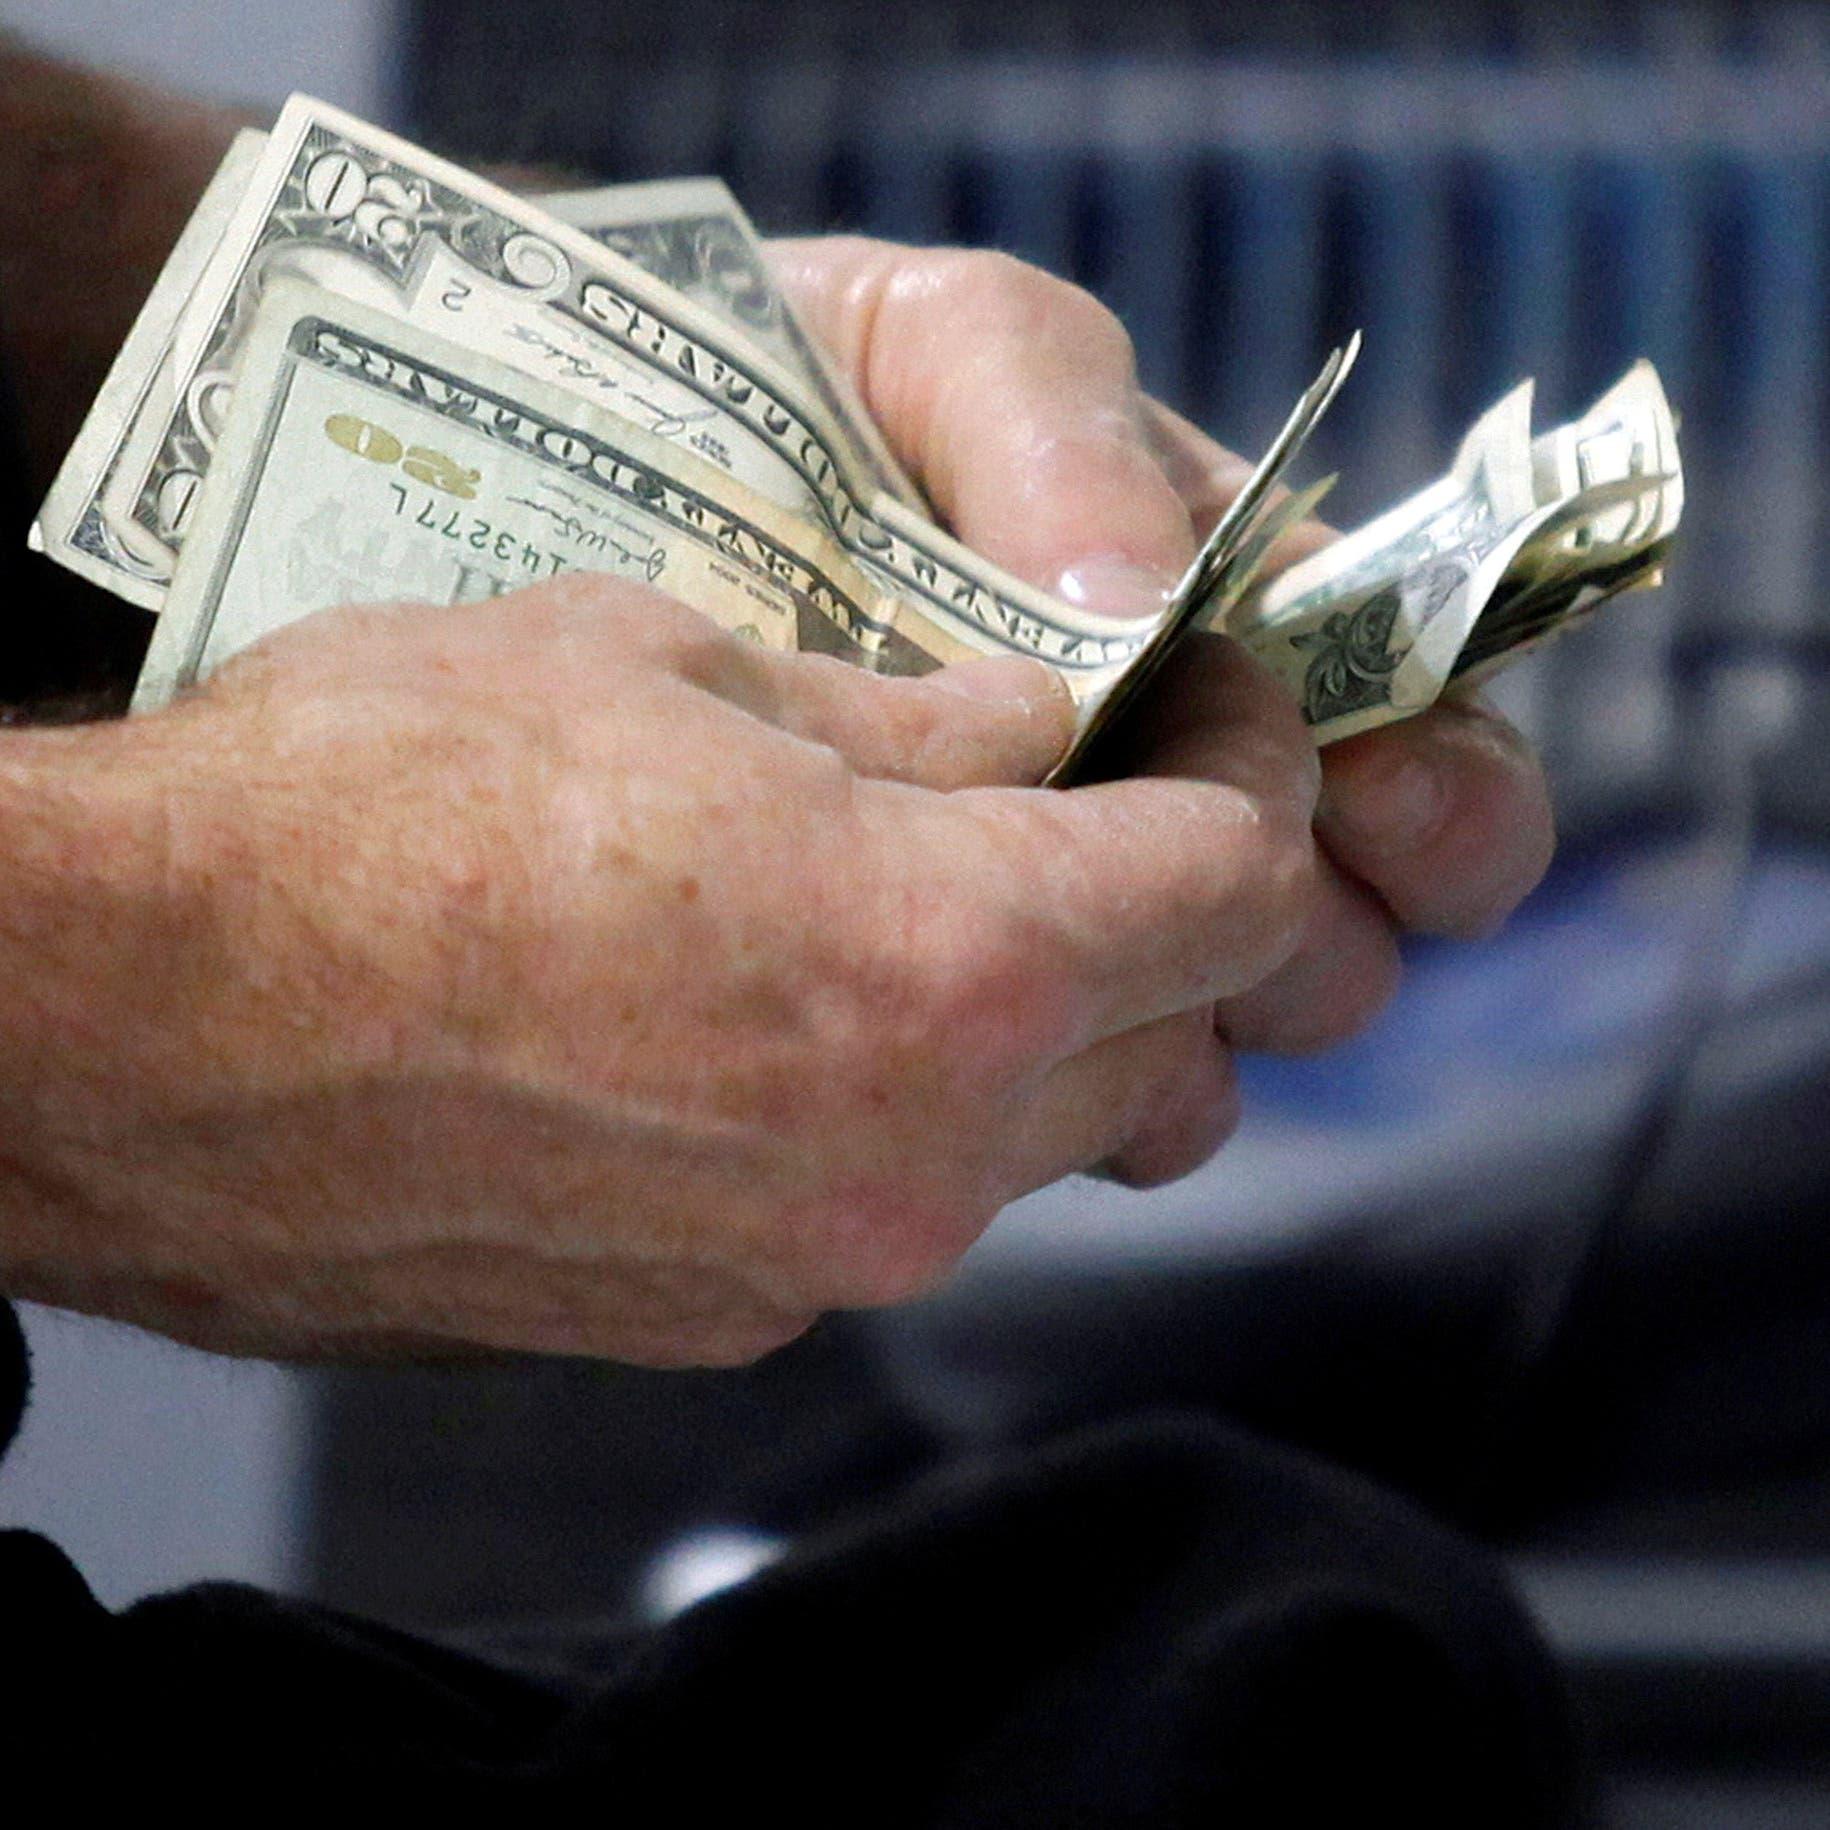 غولدمان ساكس يخفض توقعات النمو في الولايات المتحدة